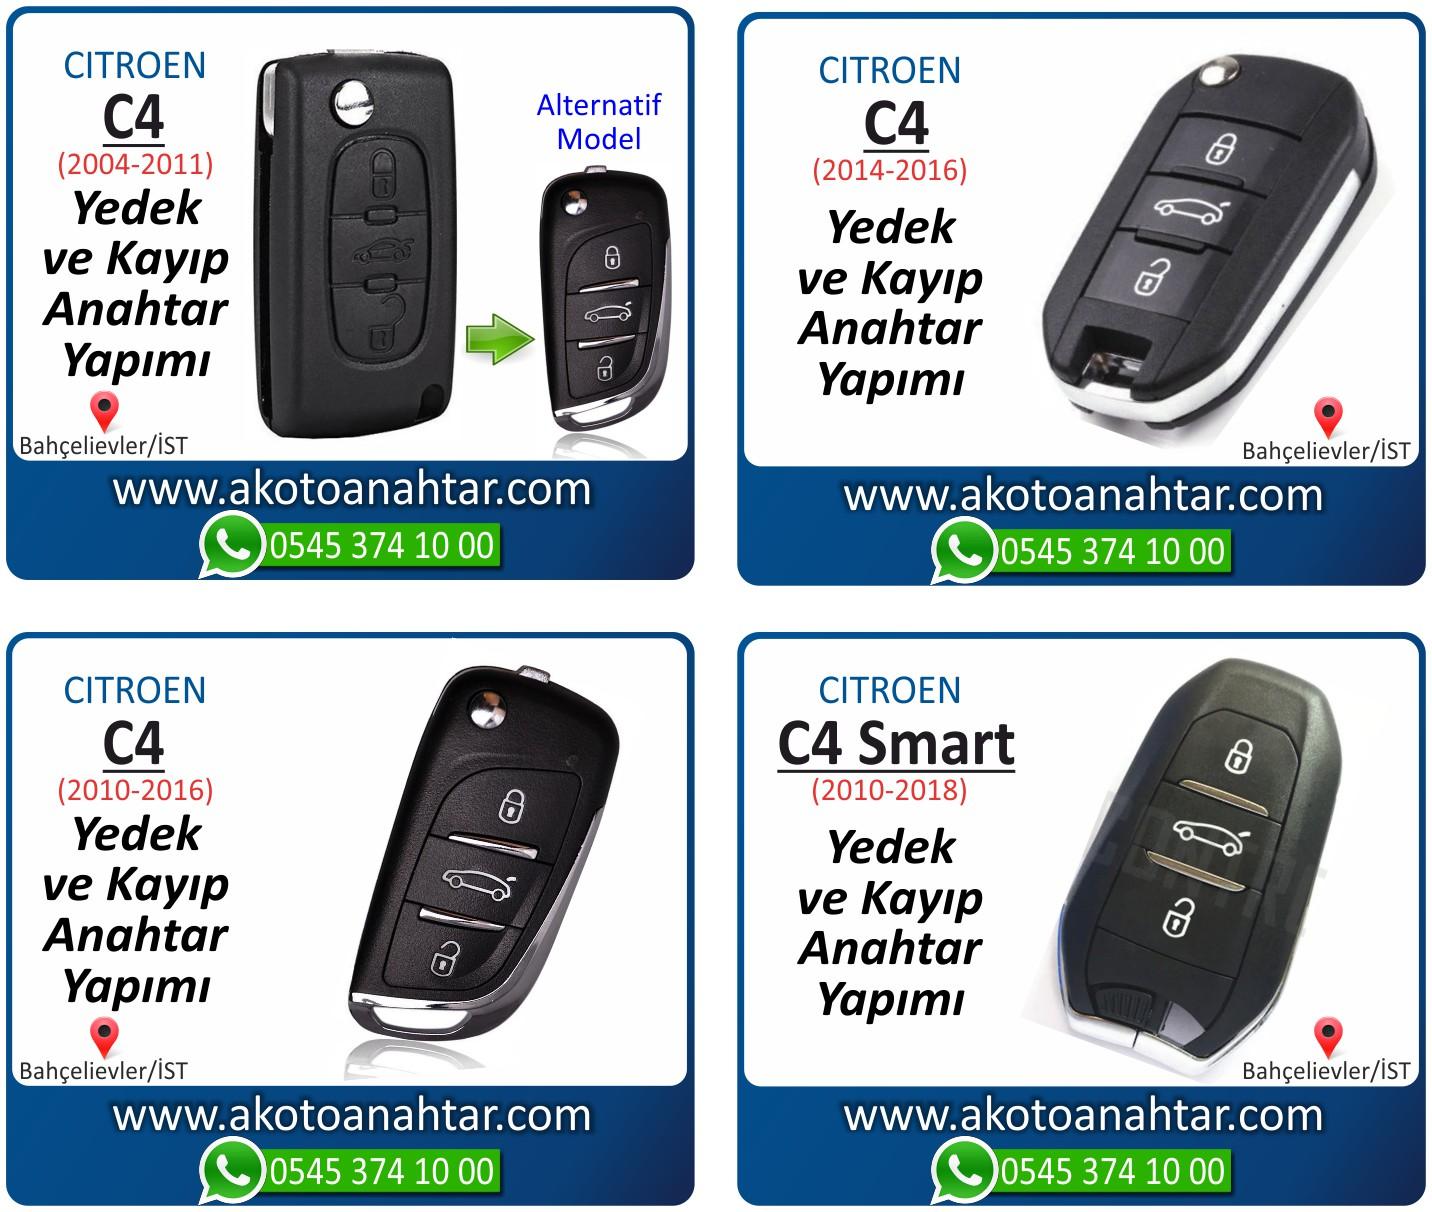 Citroen c4 c 4 anahtari - C4 Anahtarı | Yedek ve Kayıp Anahtar Yapımı